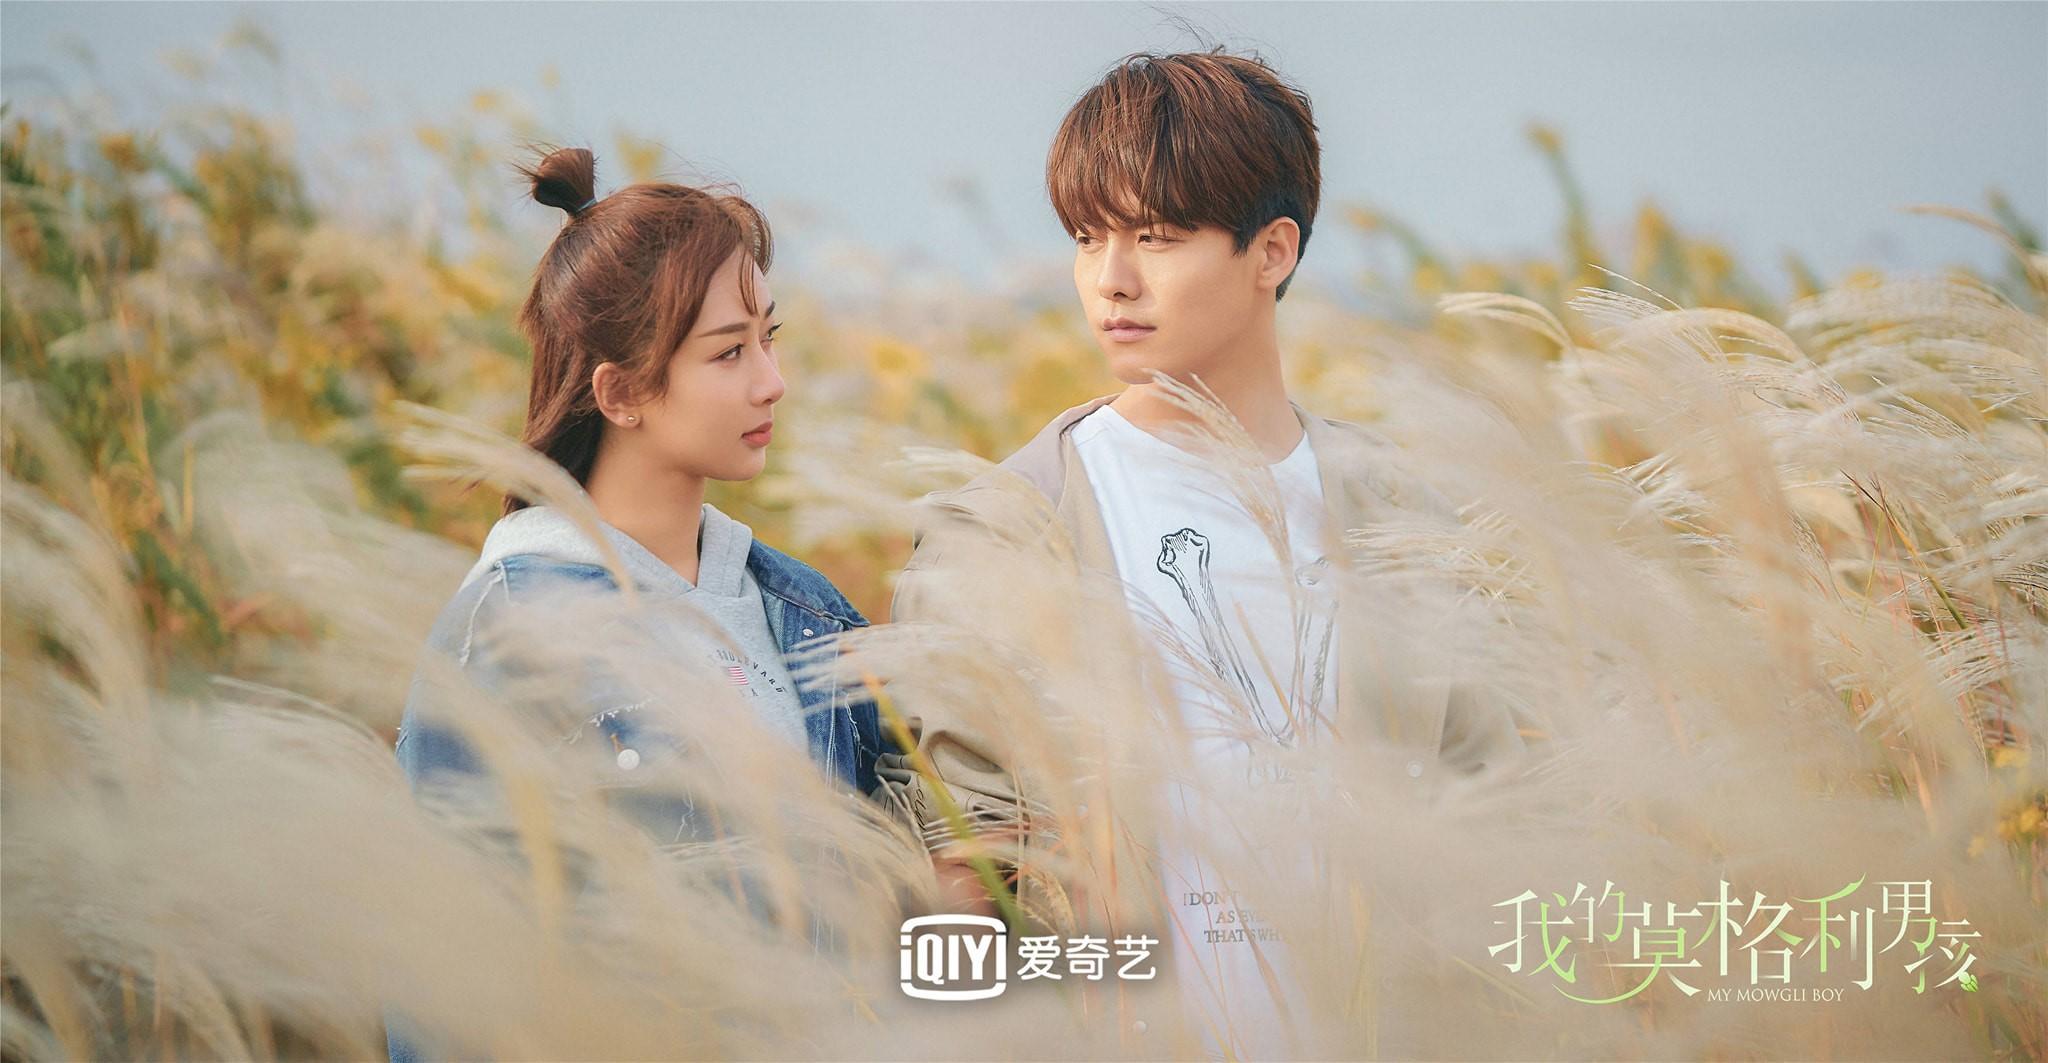 'Chàng trai Mặc Cách Ly của tôi' tung trailer hài hước, Dương Tử - Mã Thiên Vũ đẹp đôi 12